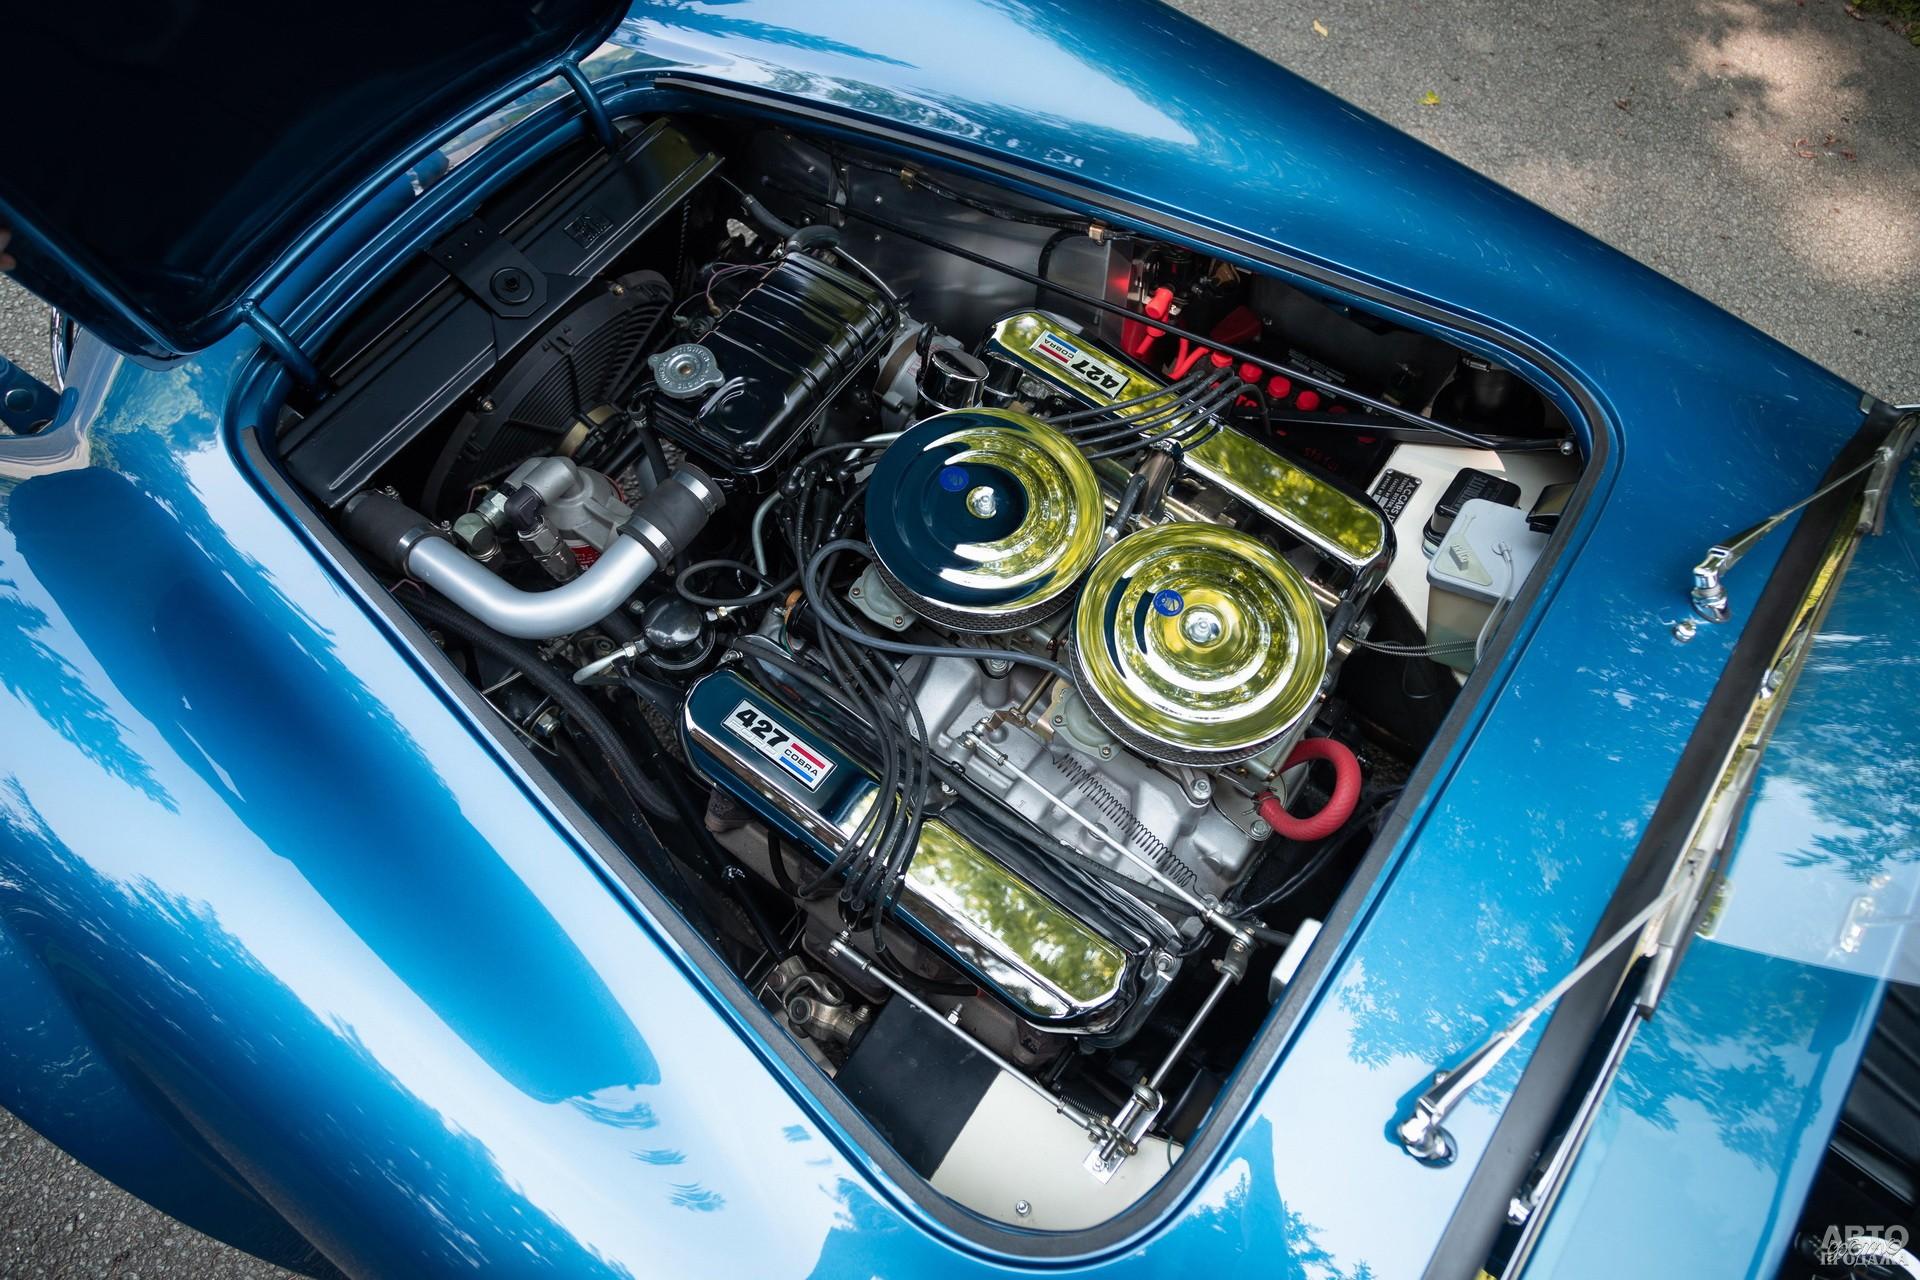 7,0-литровый двигатель Fоrd V8 в Cobra 427 развивал 425-485 л. с.